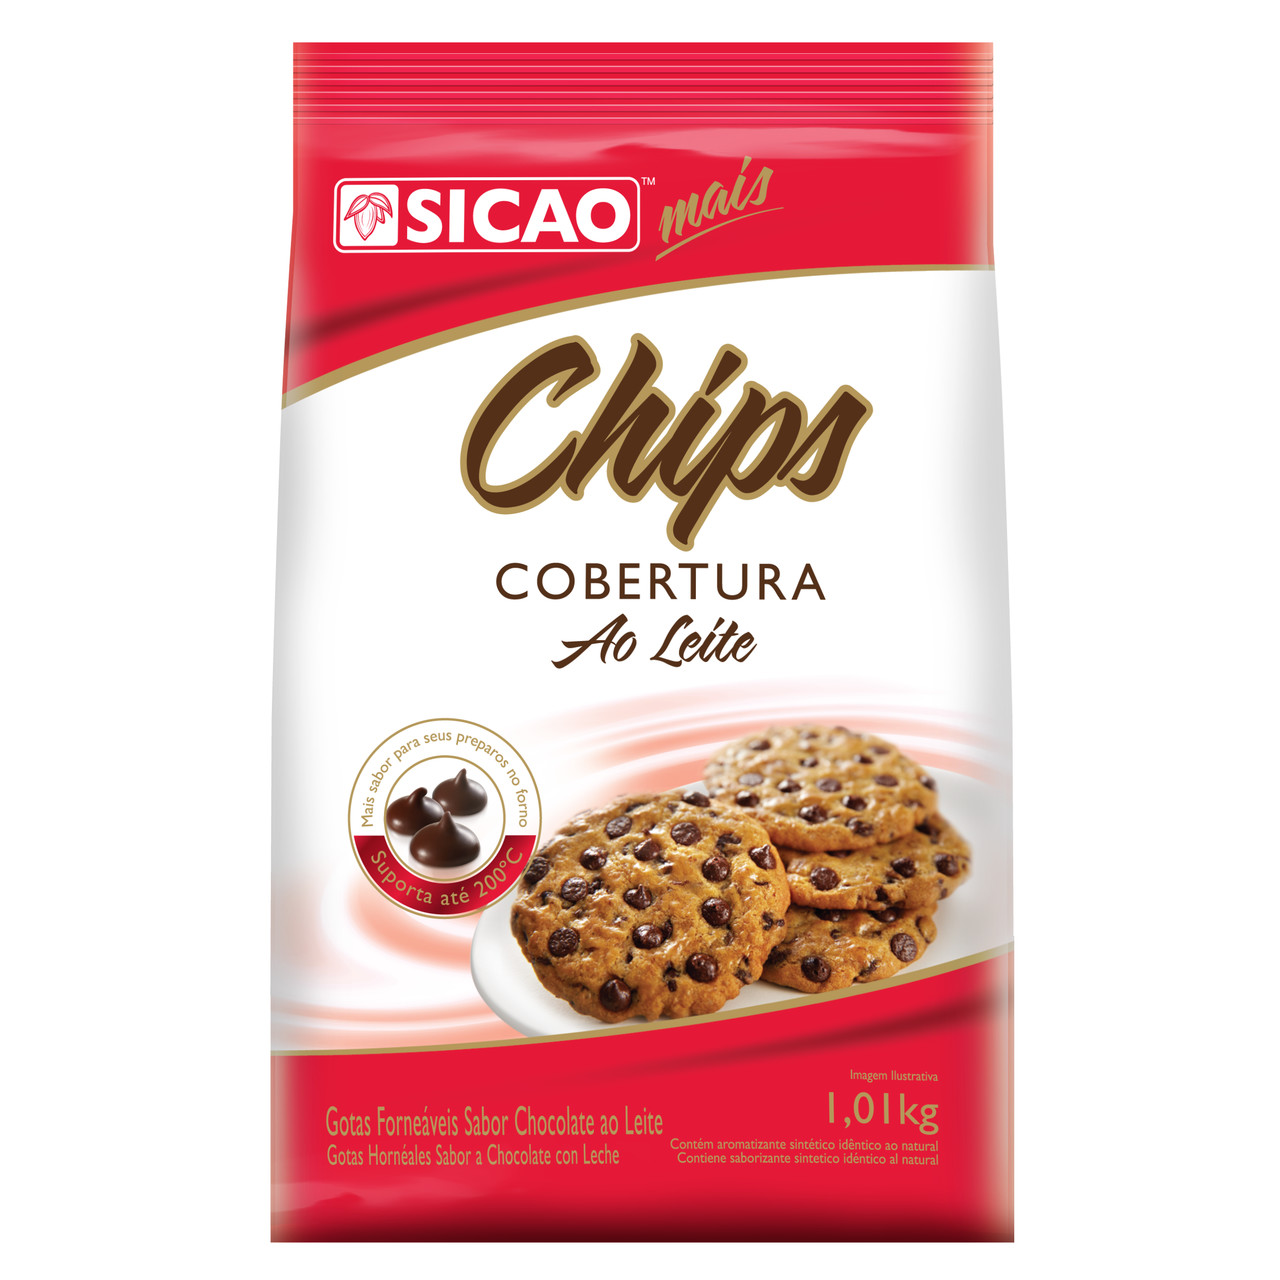 Sicao chips cobertura fracionada leite 1,01 kg